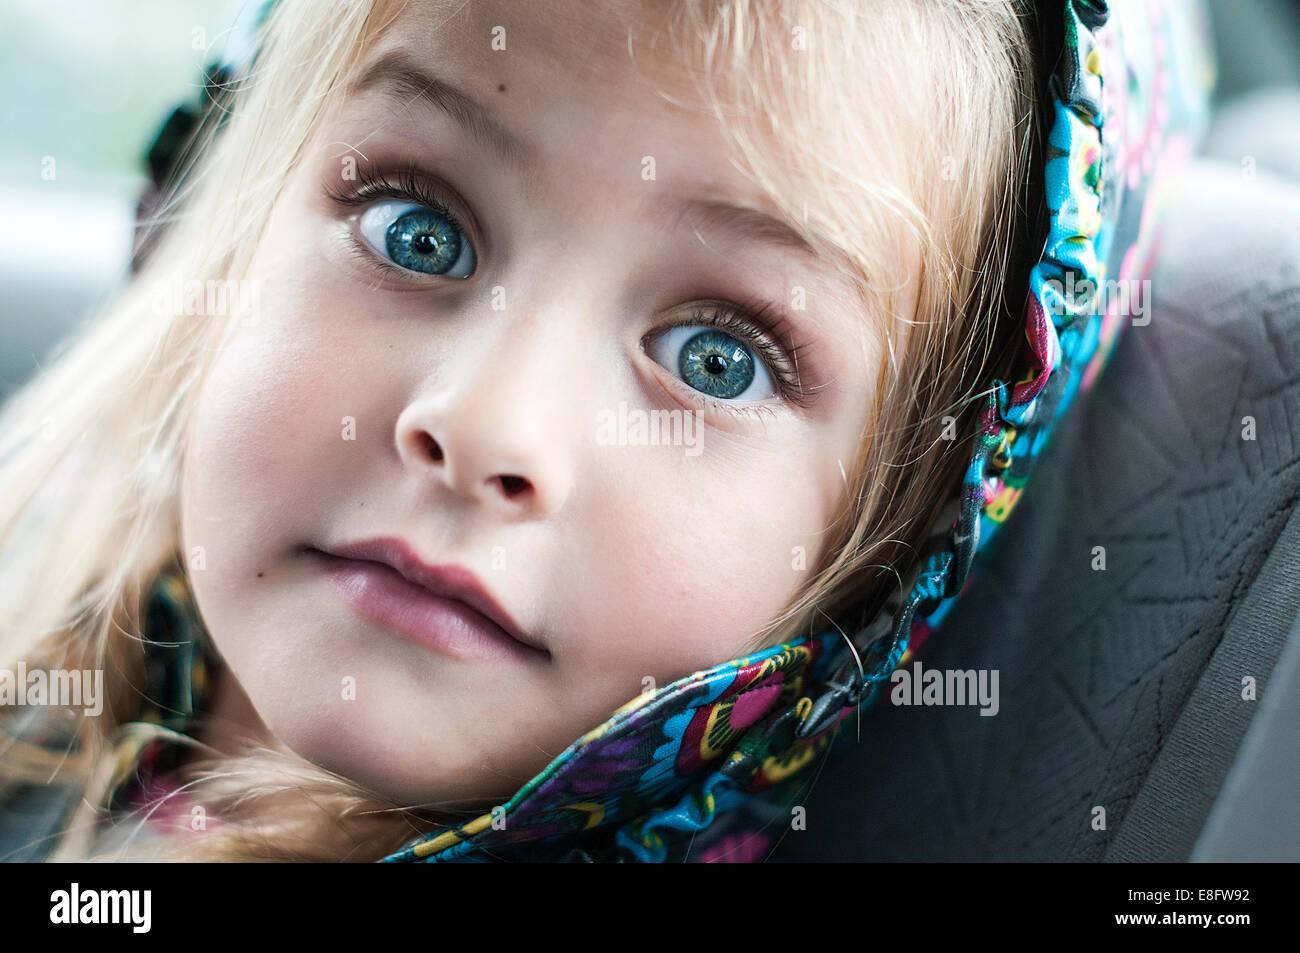 Ritratto di bambina con espressioni di sorpresa sul suo viso Immagini Stock